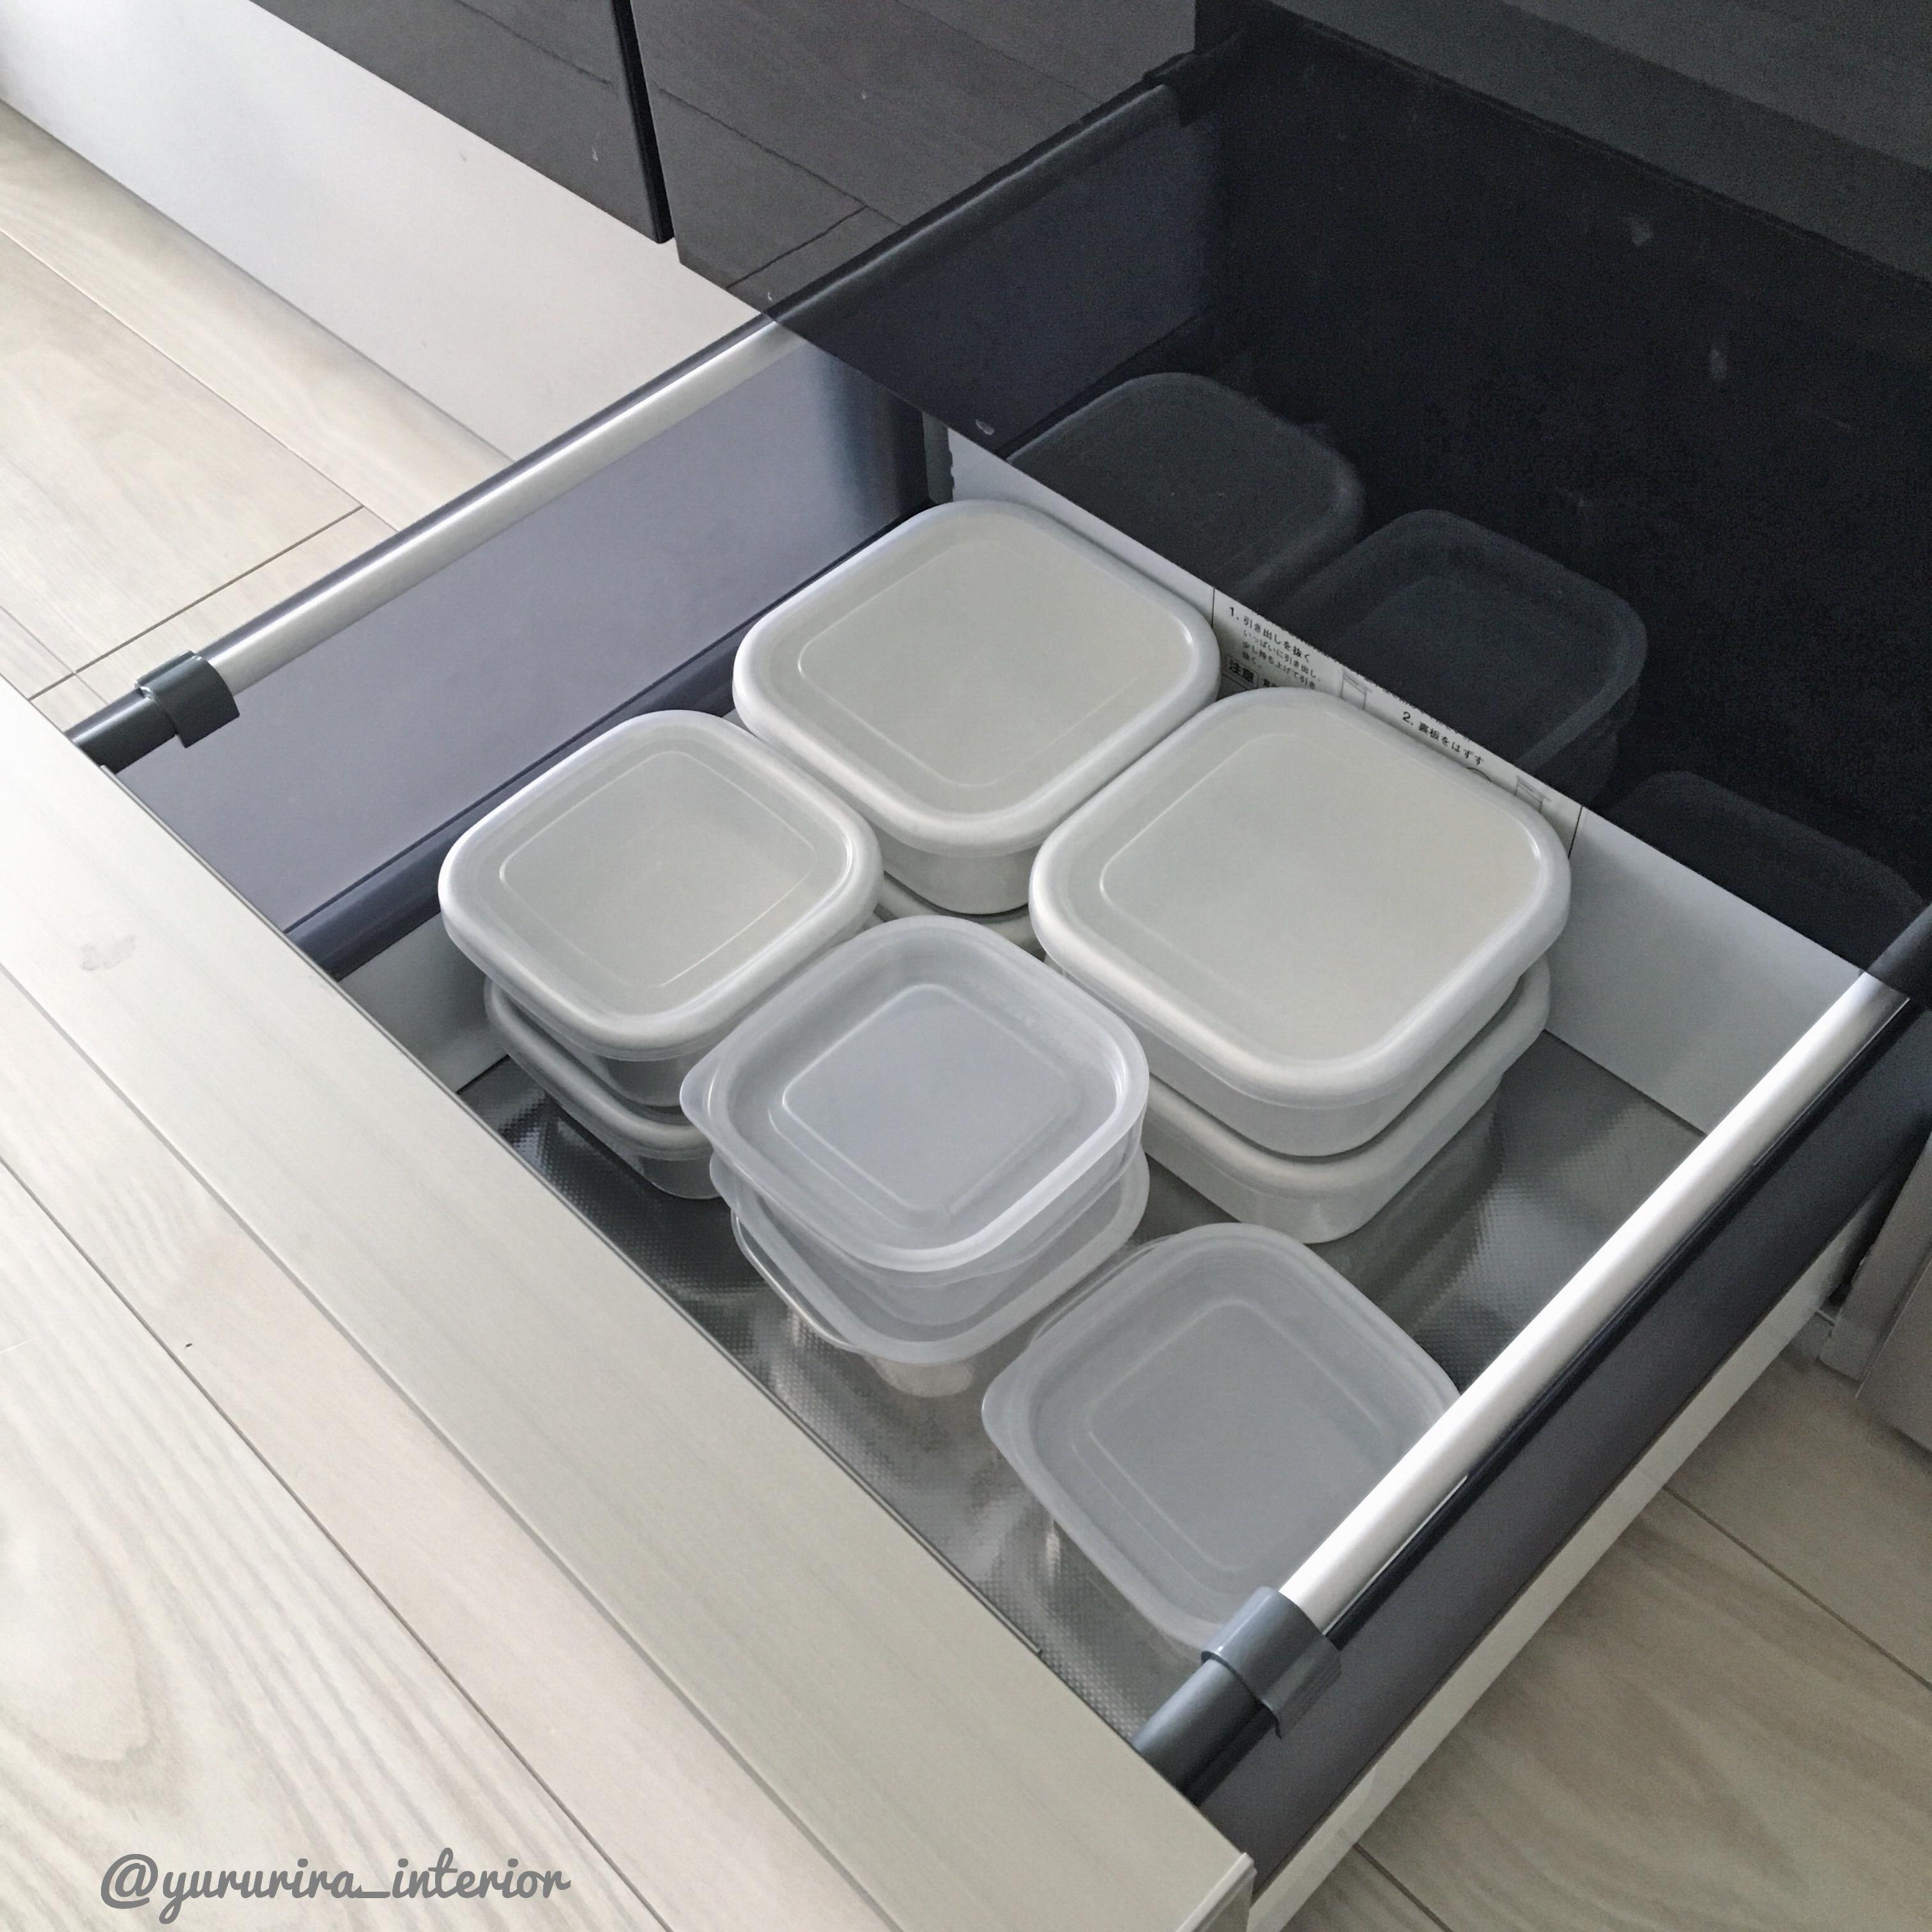 楽天・セリア★シンプルホワイトな食品保存容器とその収納